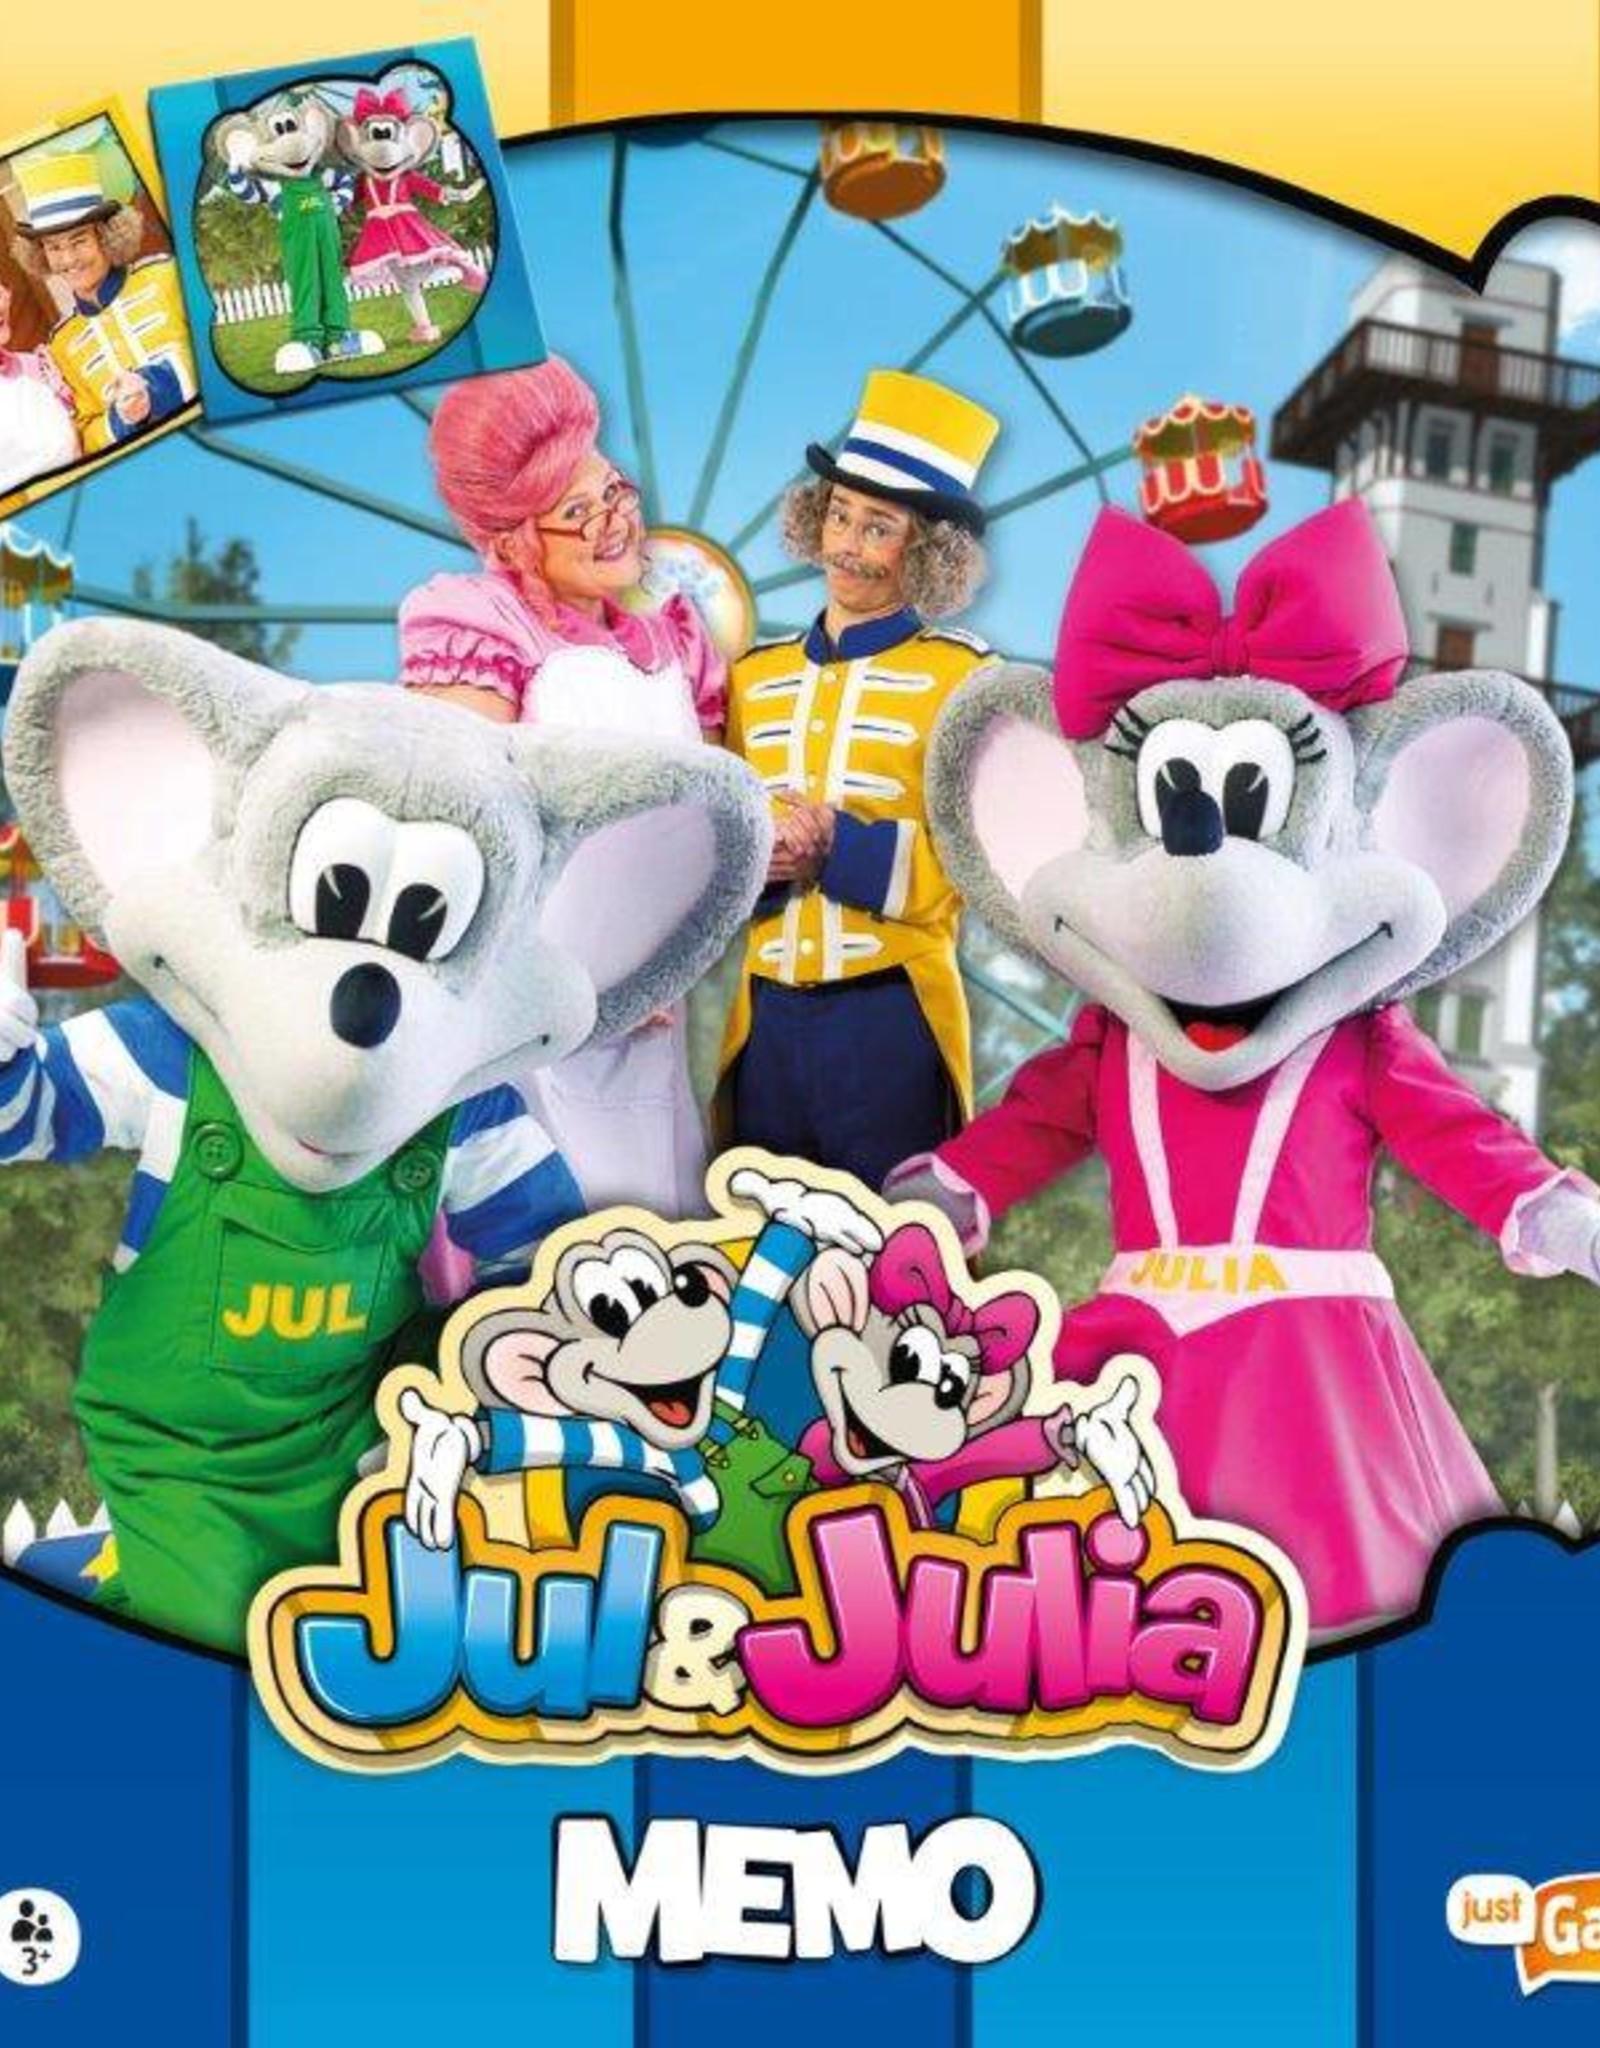 Just Entertainment Jul & Julia - Memo